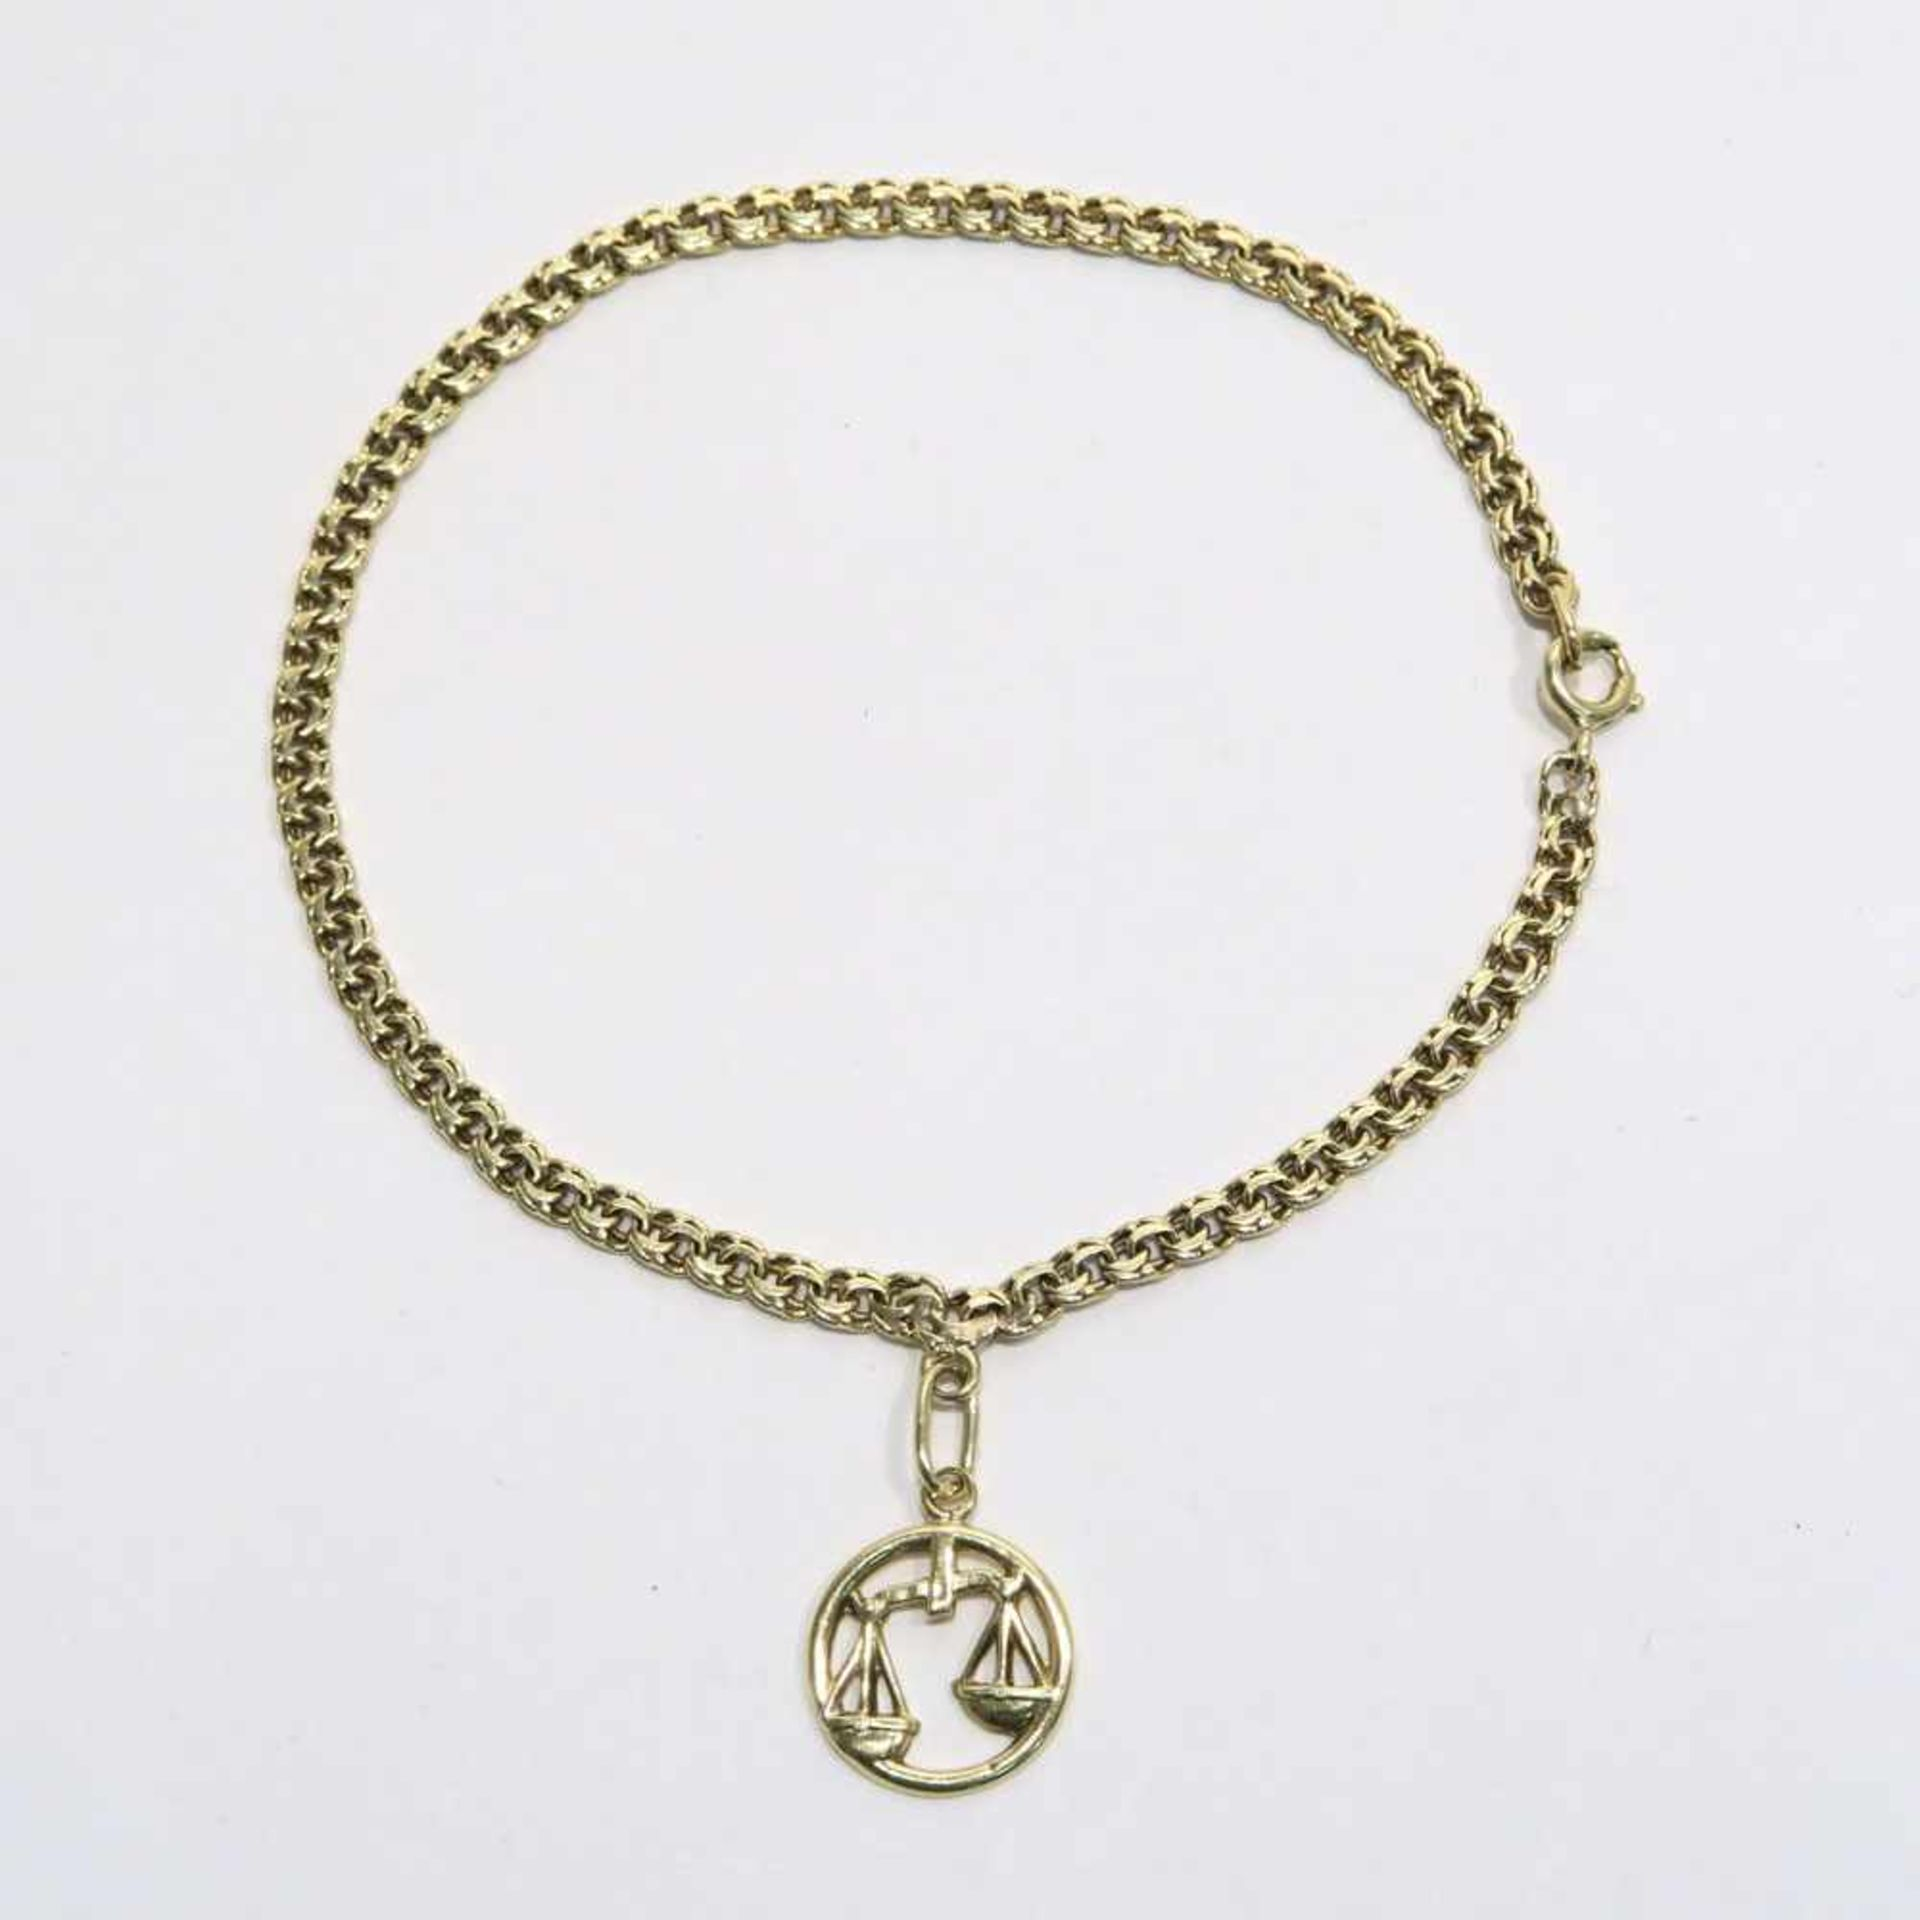 """Los 54 - Armband14 K GG, (geprüft). Garibaldi-Armband mit Sternzeichen-Anhänger """"Waage"""". L. 19 cm. 4,2"""